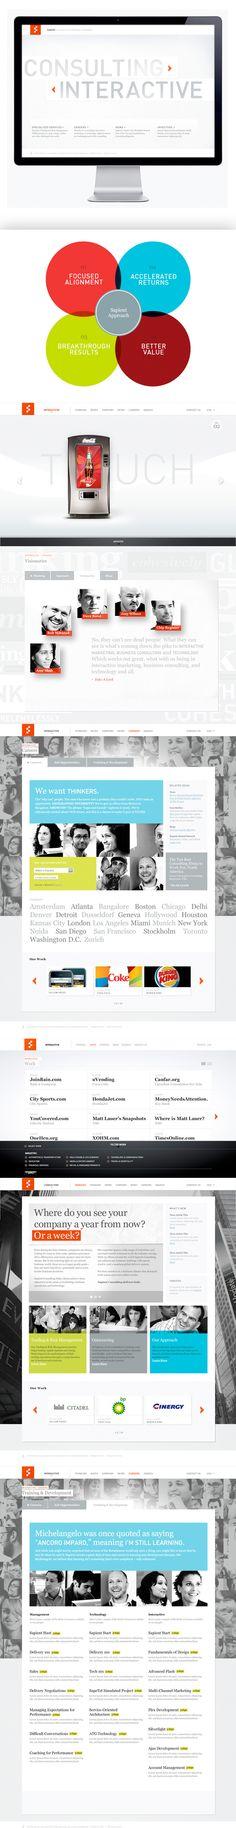 Sapient.com by Moosesyrup, via #Behance #Webdesign